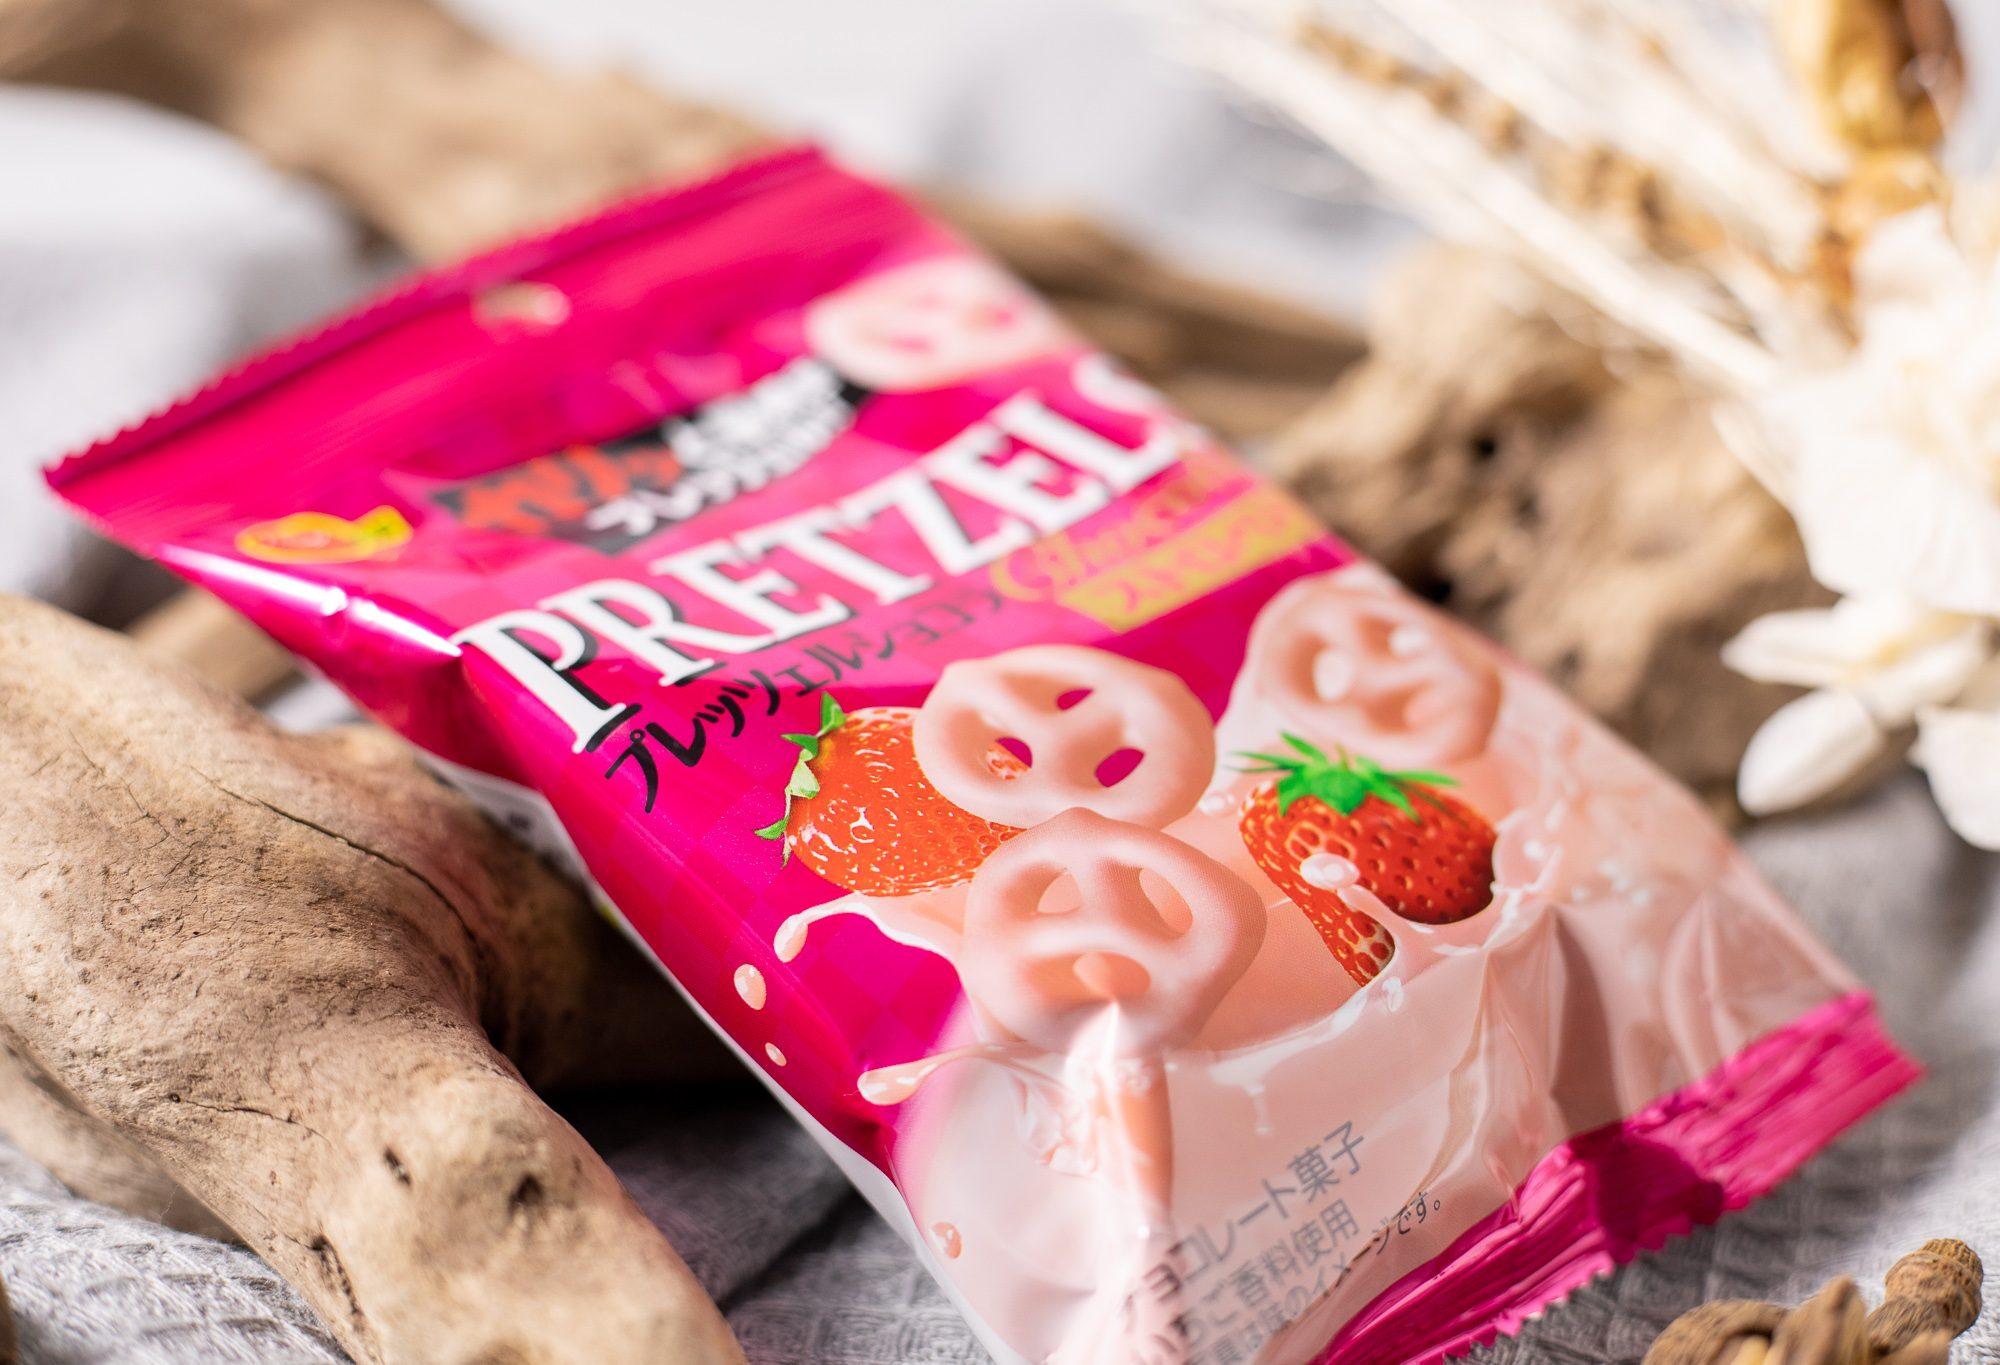 ブルボン『46gプレッツェルショコラストロベリー』はカリッと食感のプレッツェルといちごの香りのバランス◎な甘じょっぱ系チョコレート菓子!